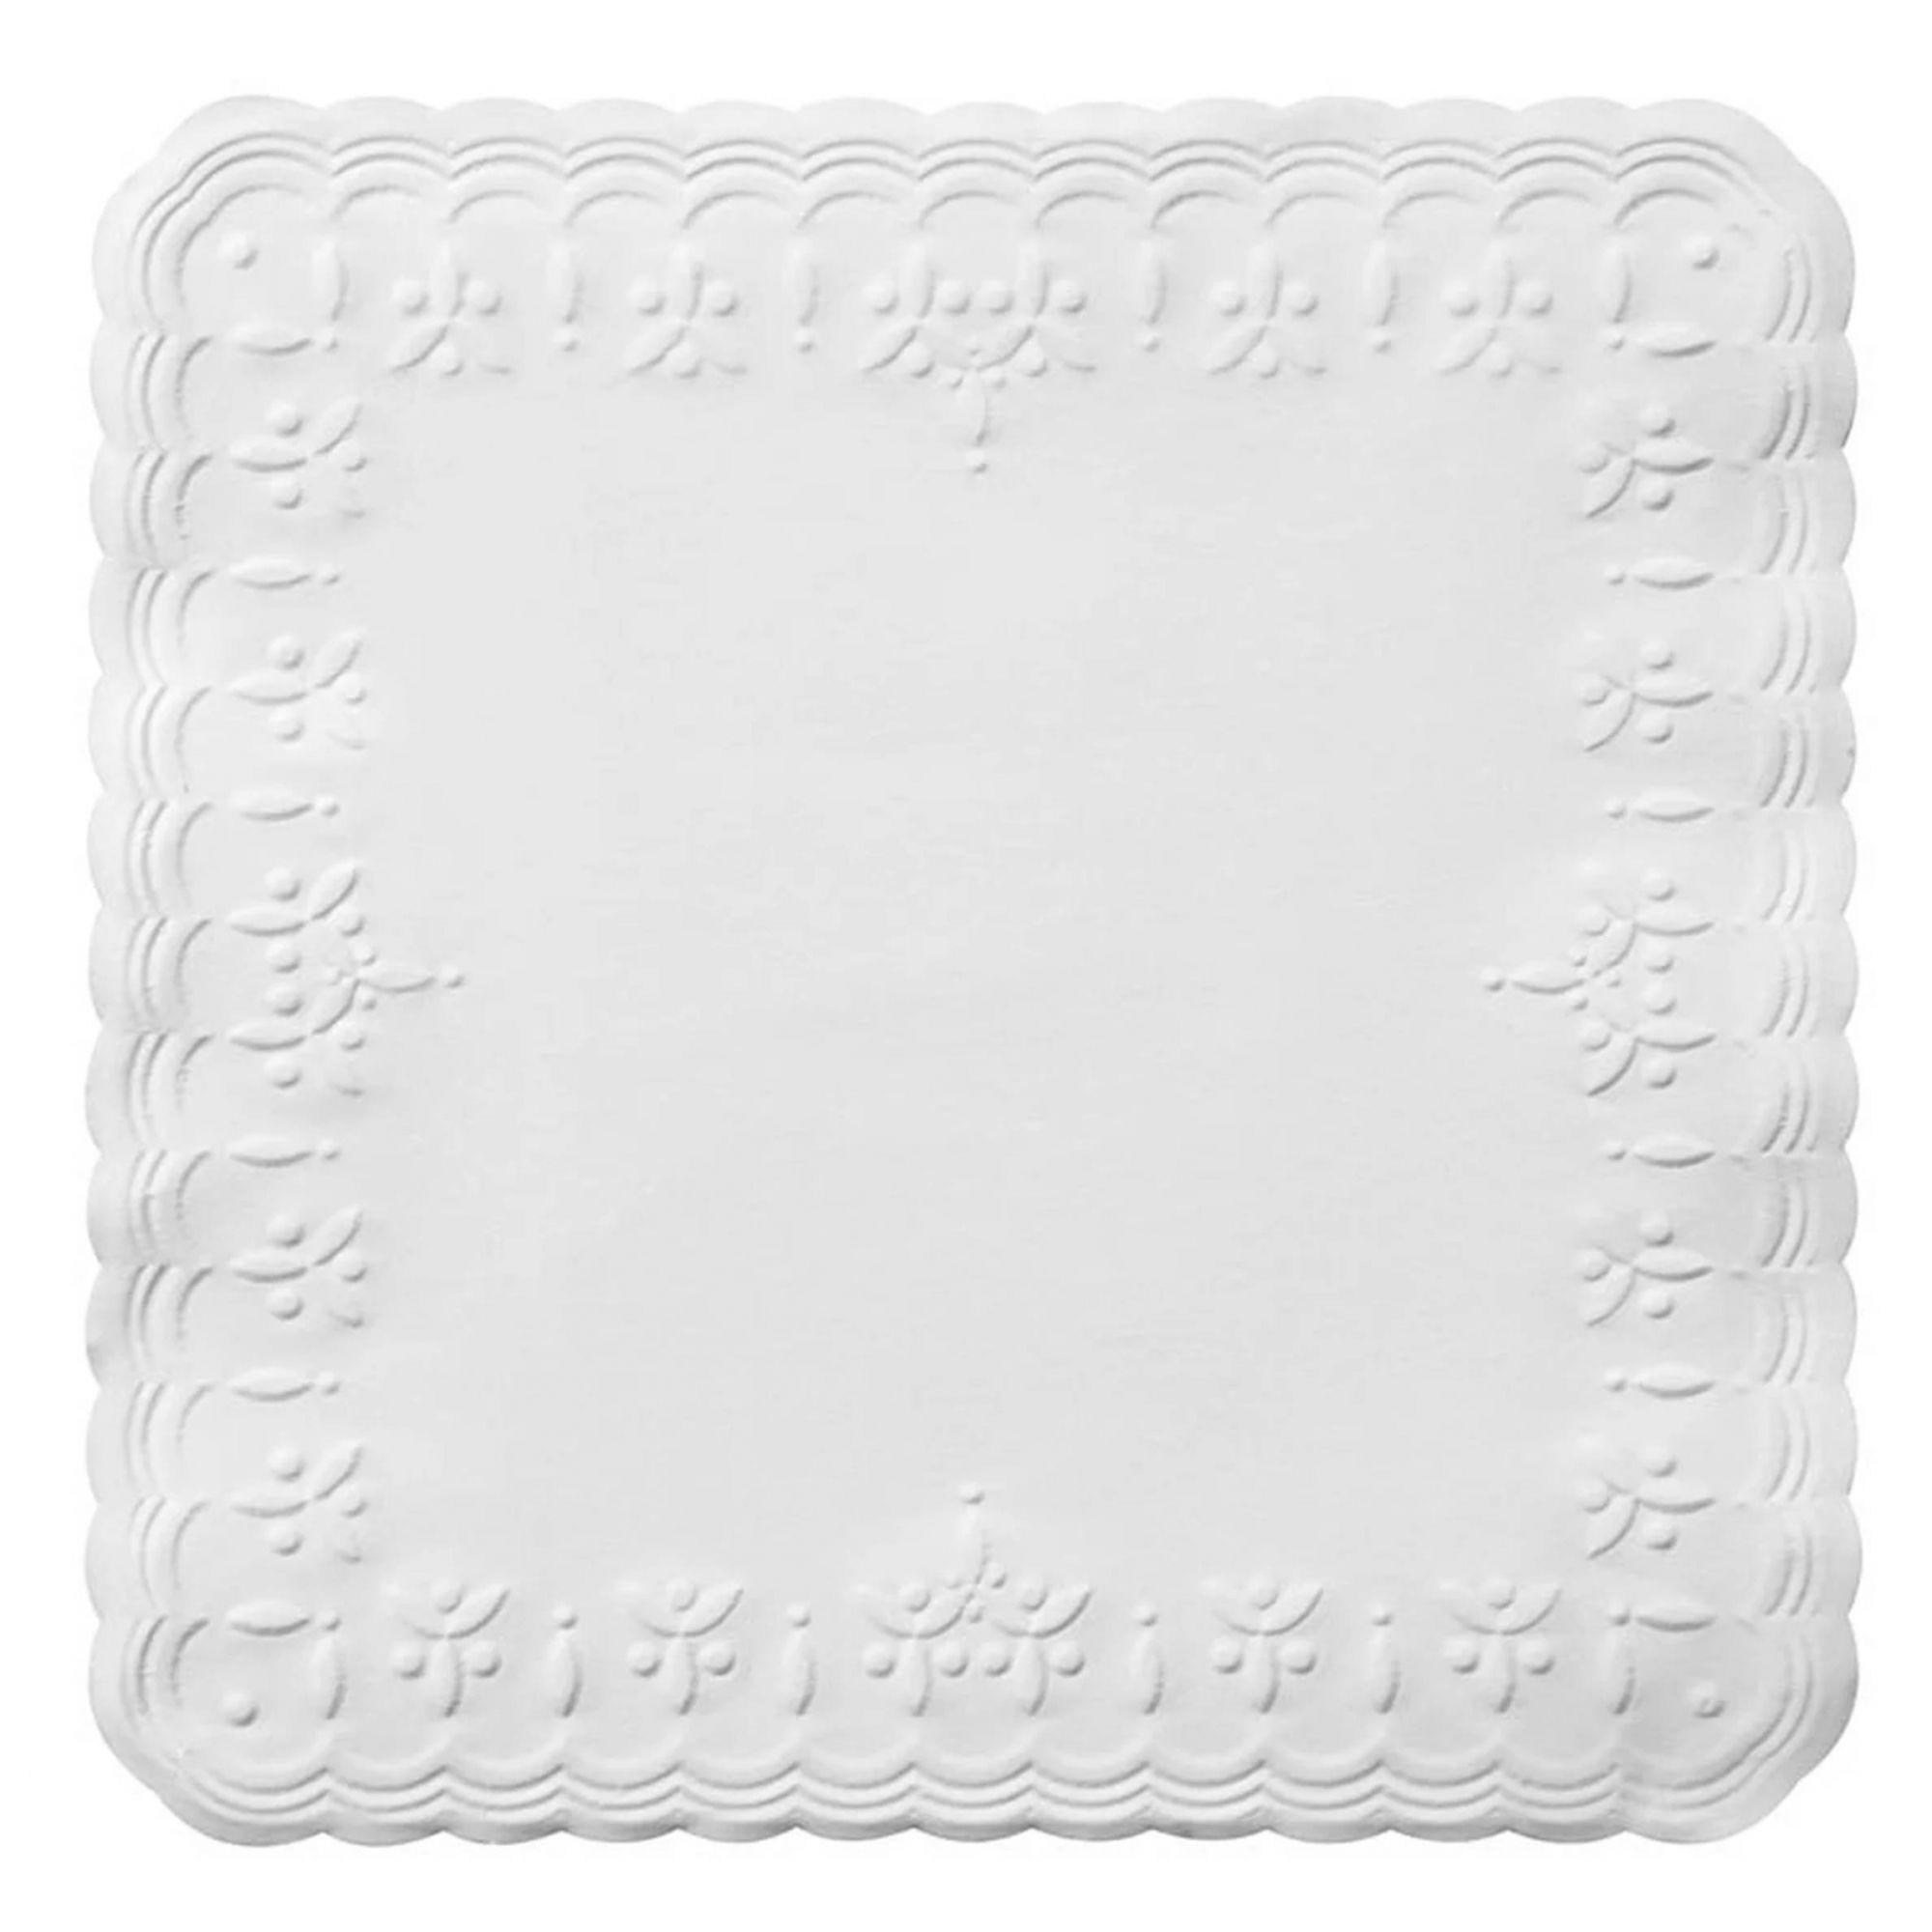 Guardanapo de papel aperitivo - Trevo- 15x15cm - 100 unid  - Persona Guardanapos & Cia